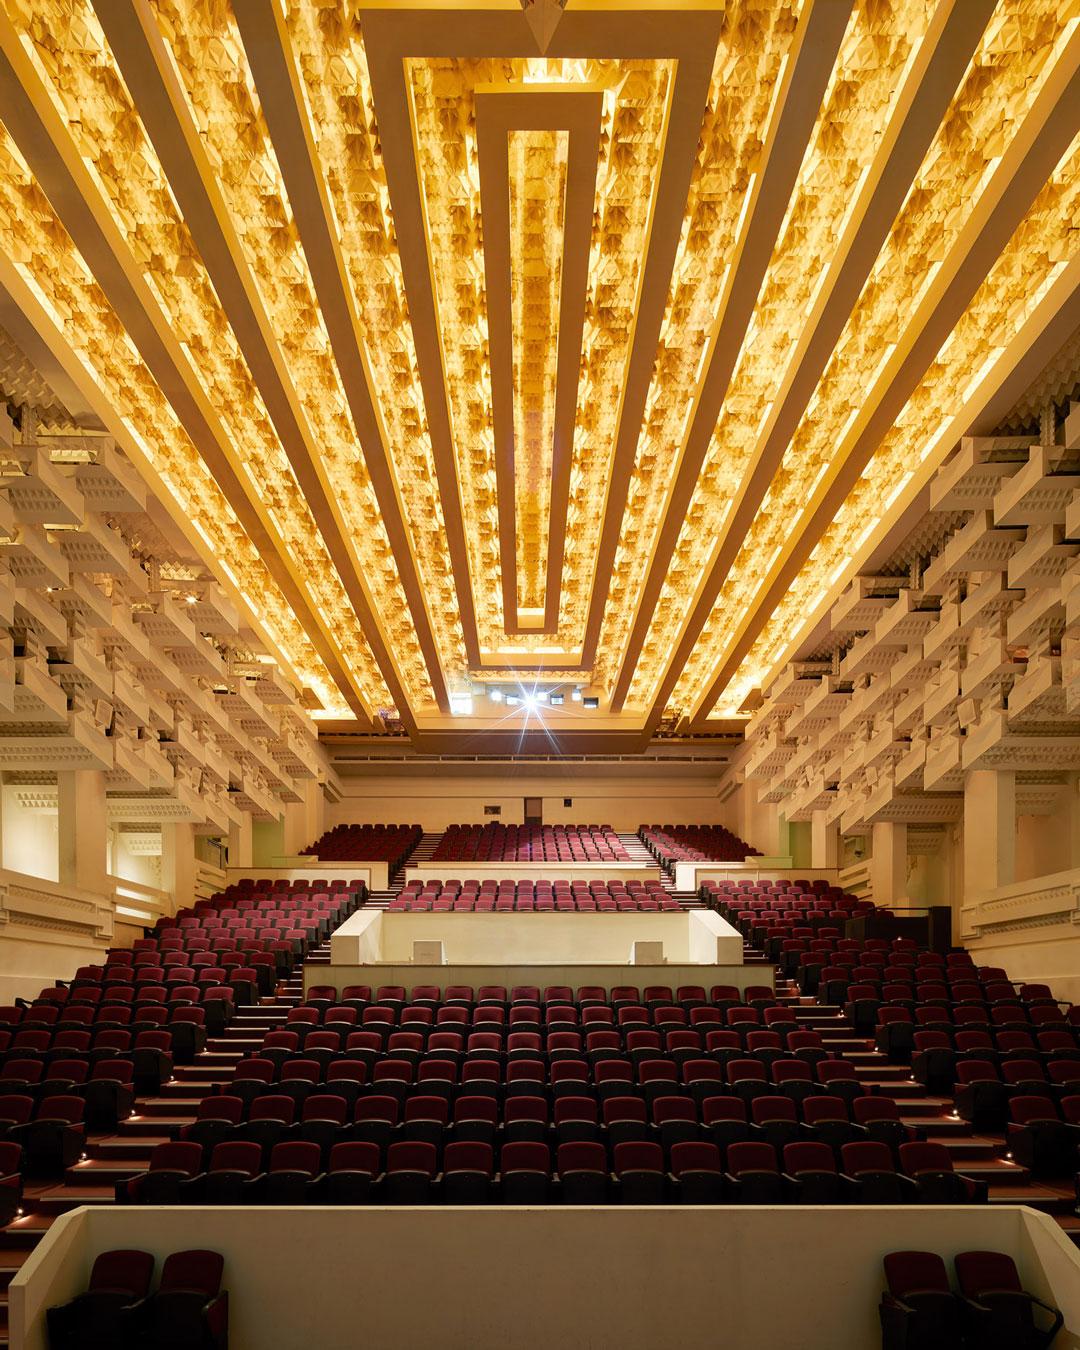 rmit-capitol-theatre